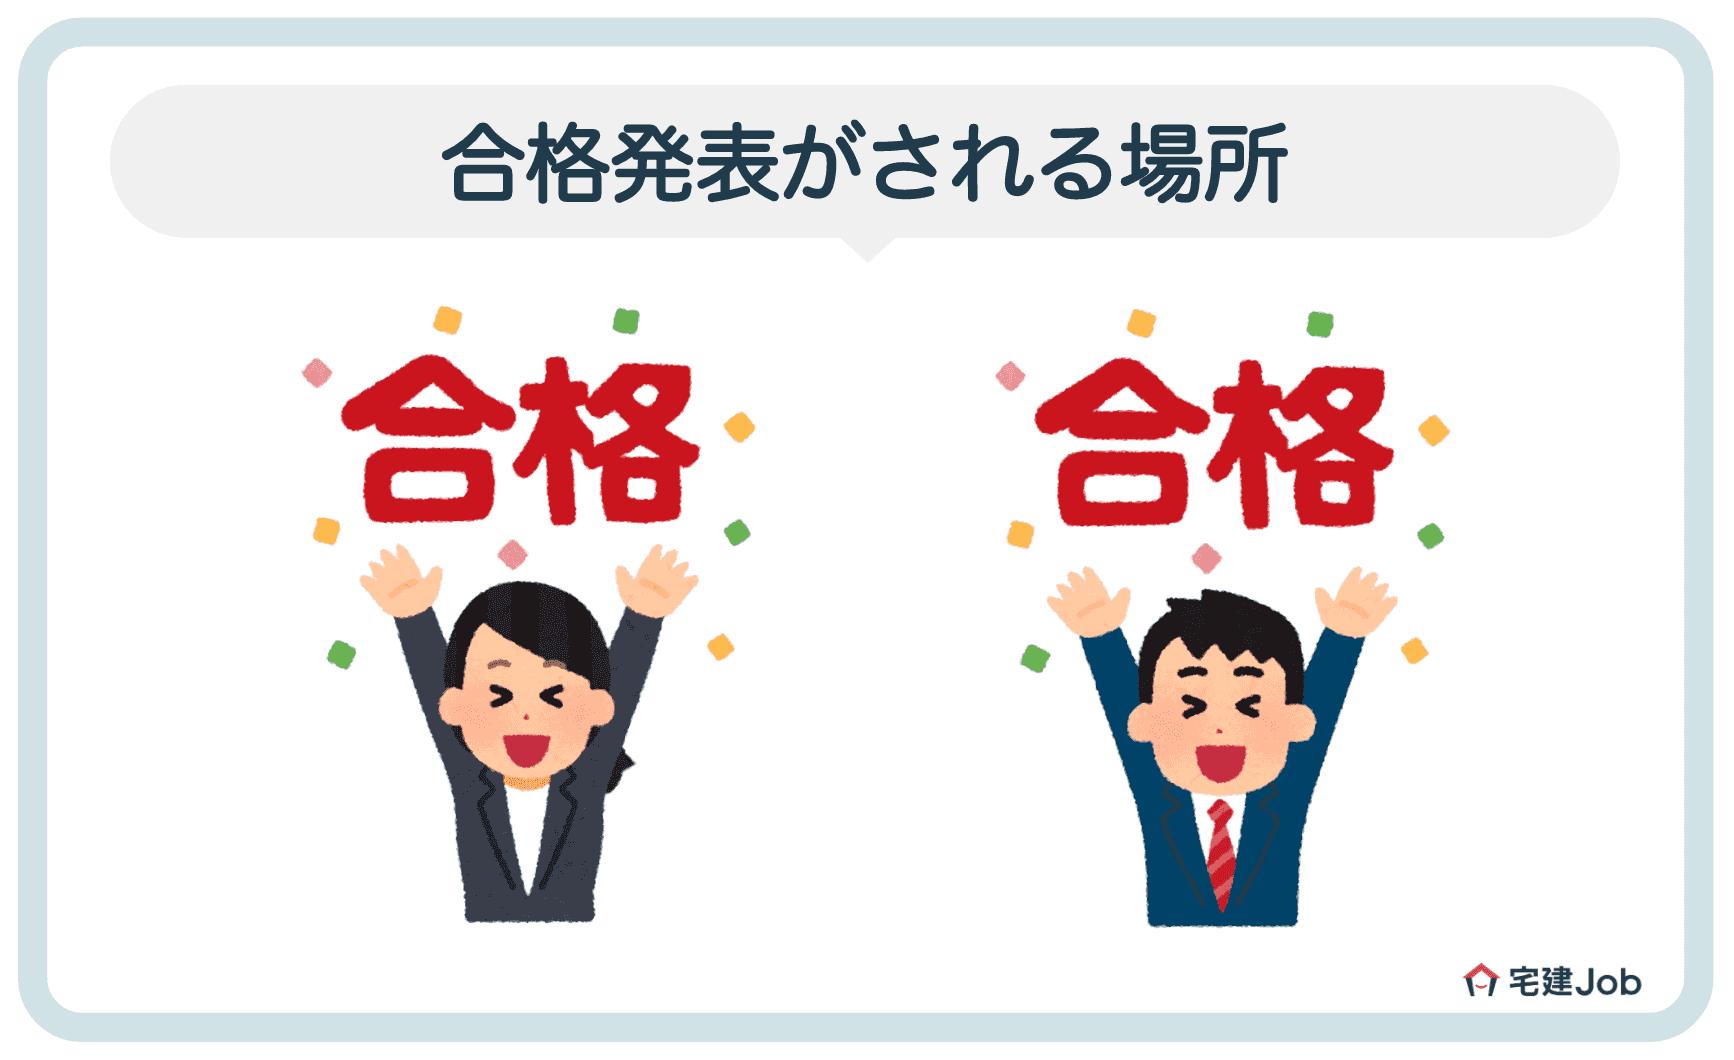 3.管理業務主任者試験の合格点が発表される場所